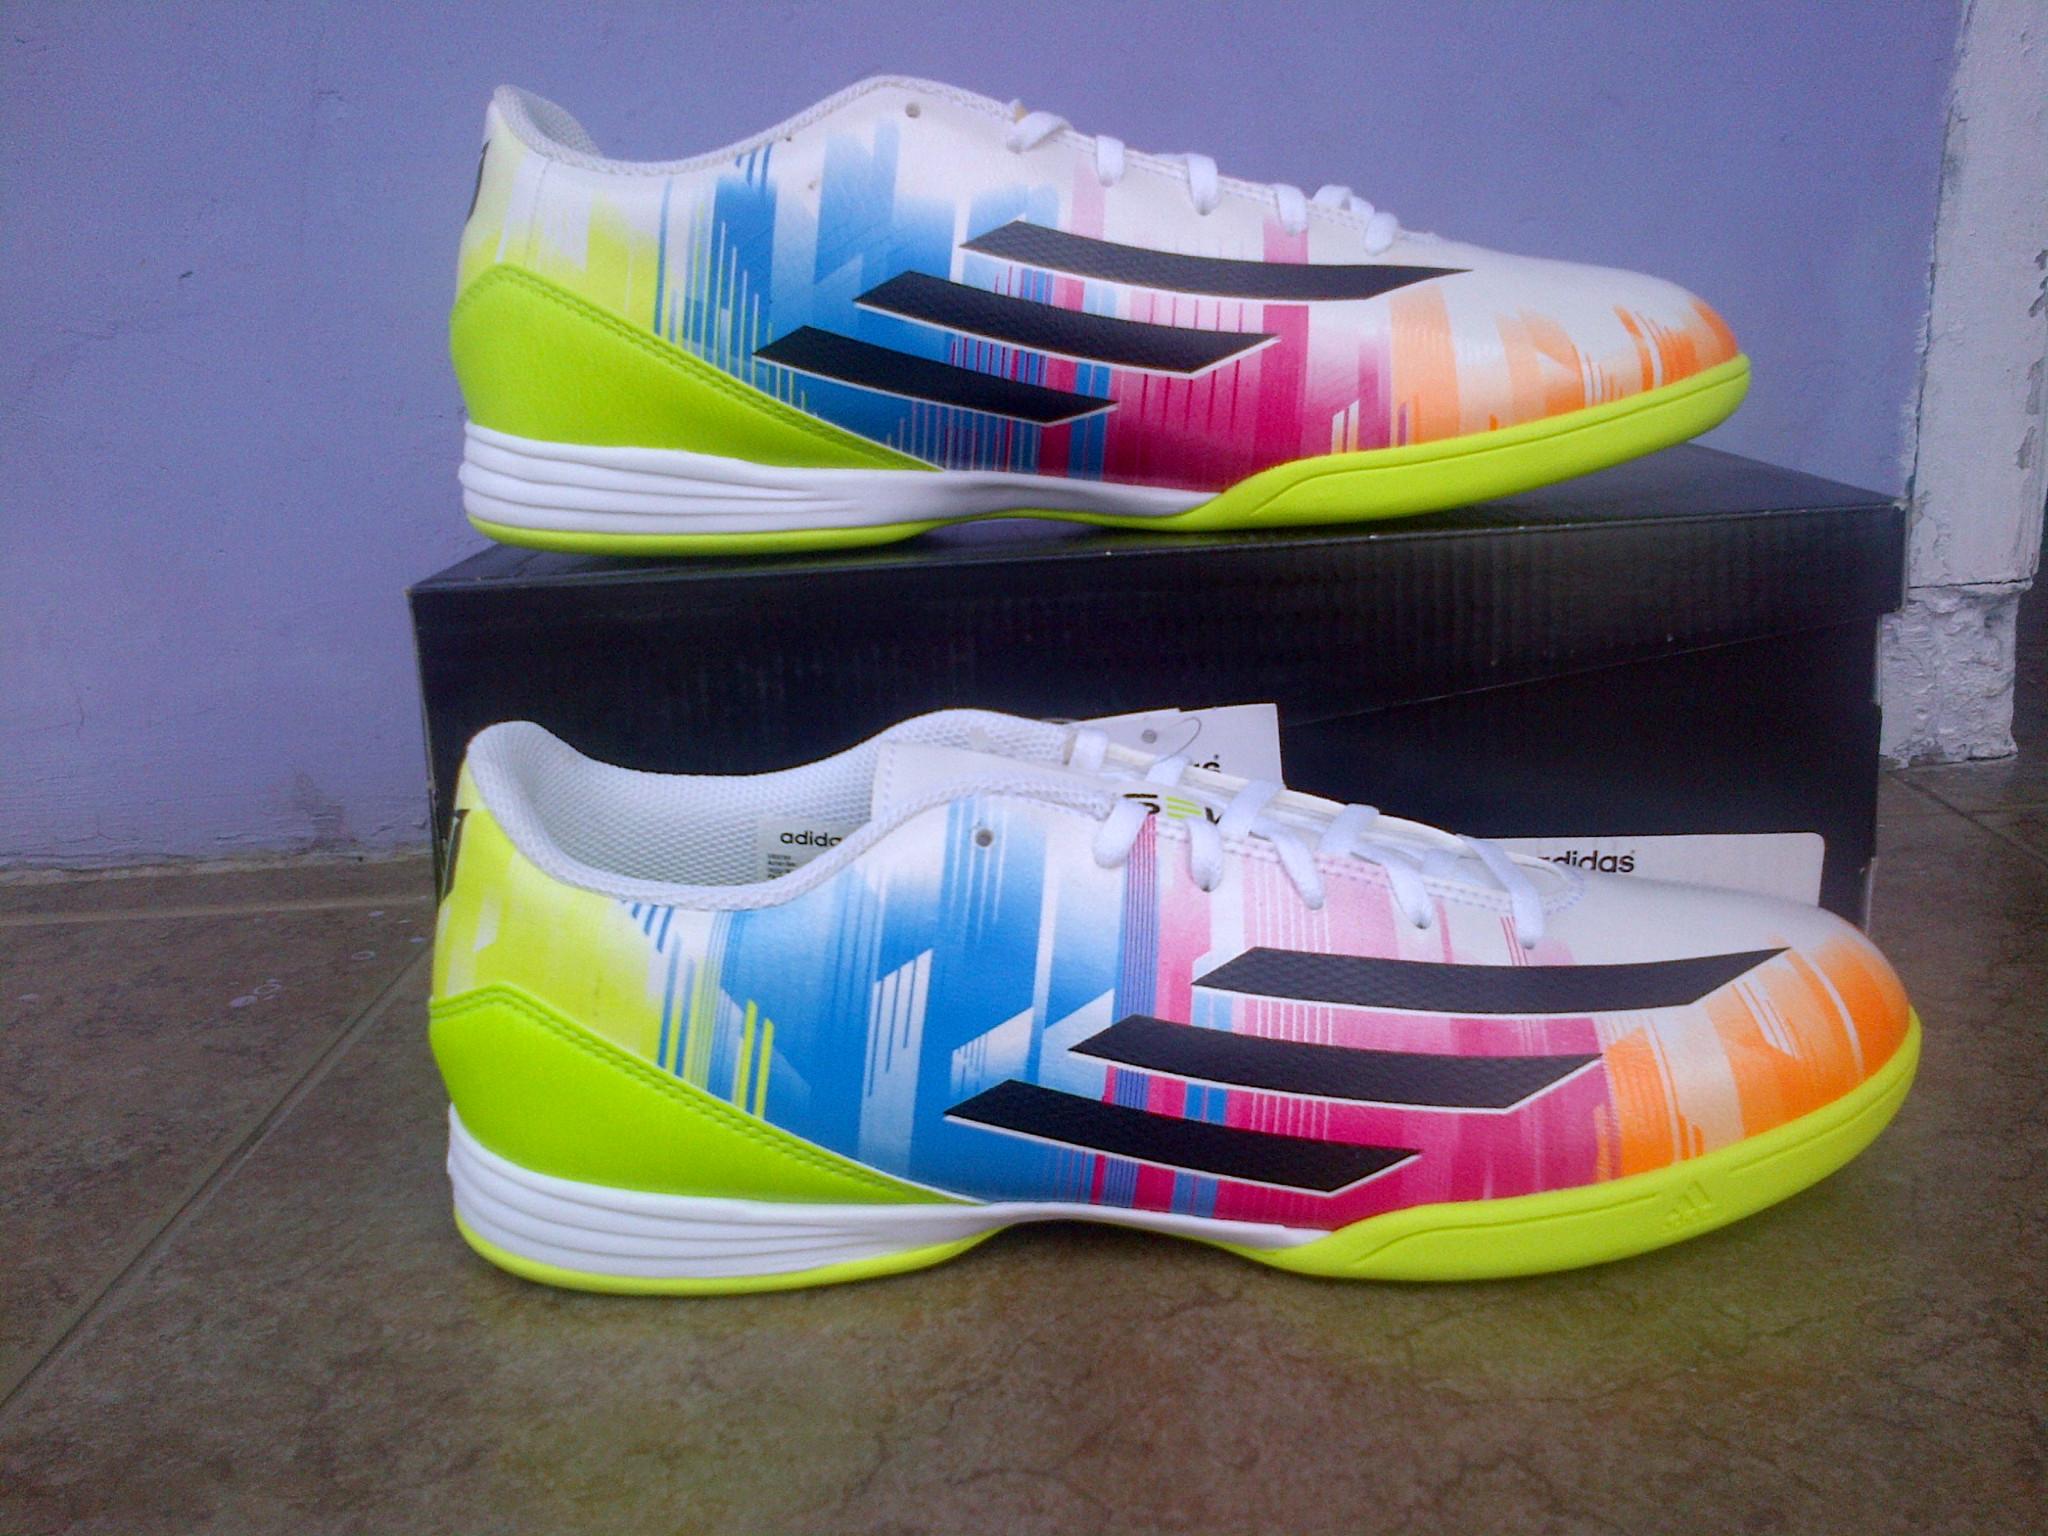 ... Jual Sepatu Futsal Adidas F10 IN  sepatu futsal adidas f10 messi ... 1183d0b43a990